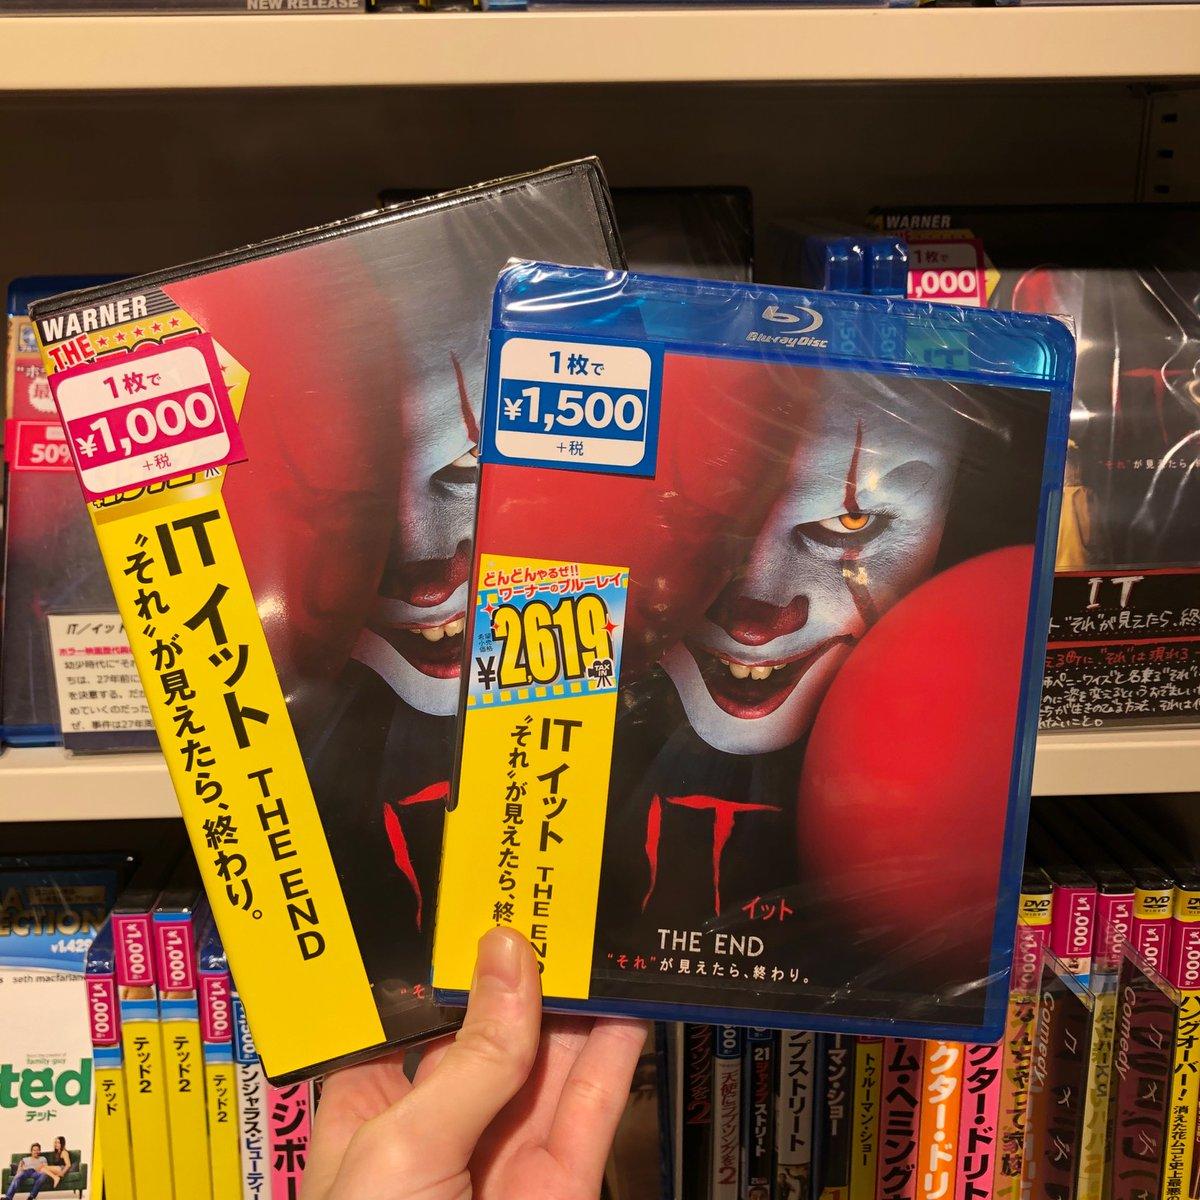 """【6階・映画】廉価版Blu-ray・DVDが1本からお得です🎬本日のおすすめは『#IT/#イット THE END """"それ""""が見えたら、終わり。』(2019) スティーヴン・キングの小説を映画化したシリーズ完結編👻 ルーザーズ・クラブがペニーワイズを撃退してから27年後、ついに""""それ """"が帰ってきた…。 #hmvbooksMOVIE"""